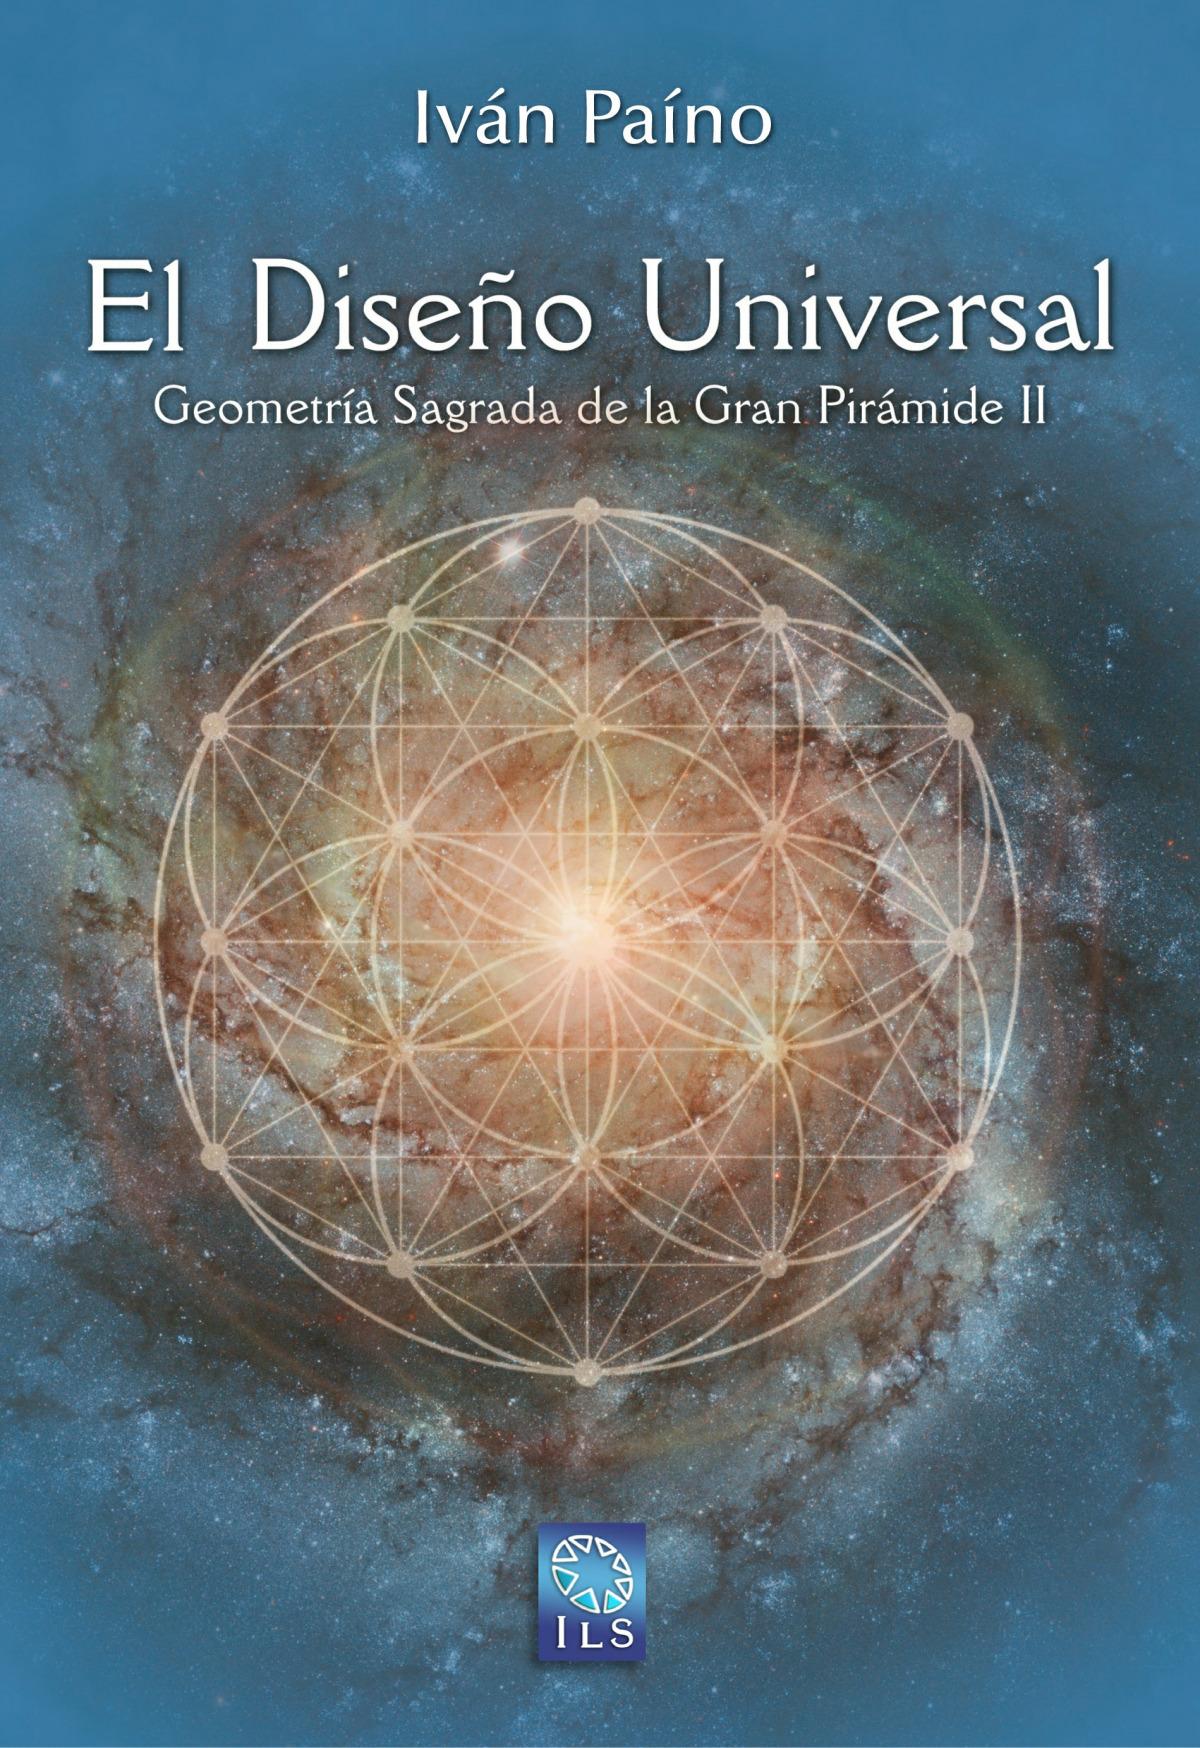 EL DISEñO UNIVERSAL 9788494065873